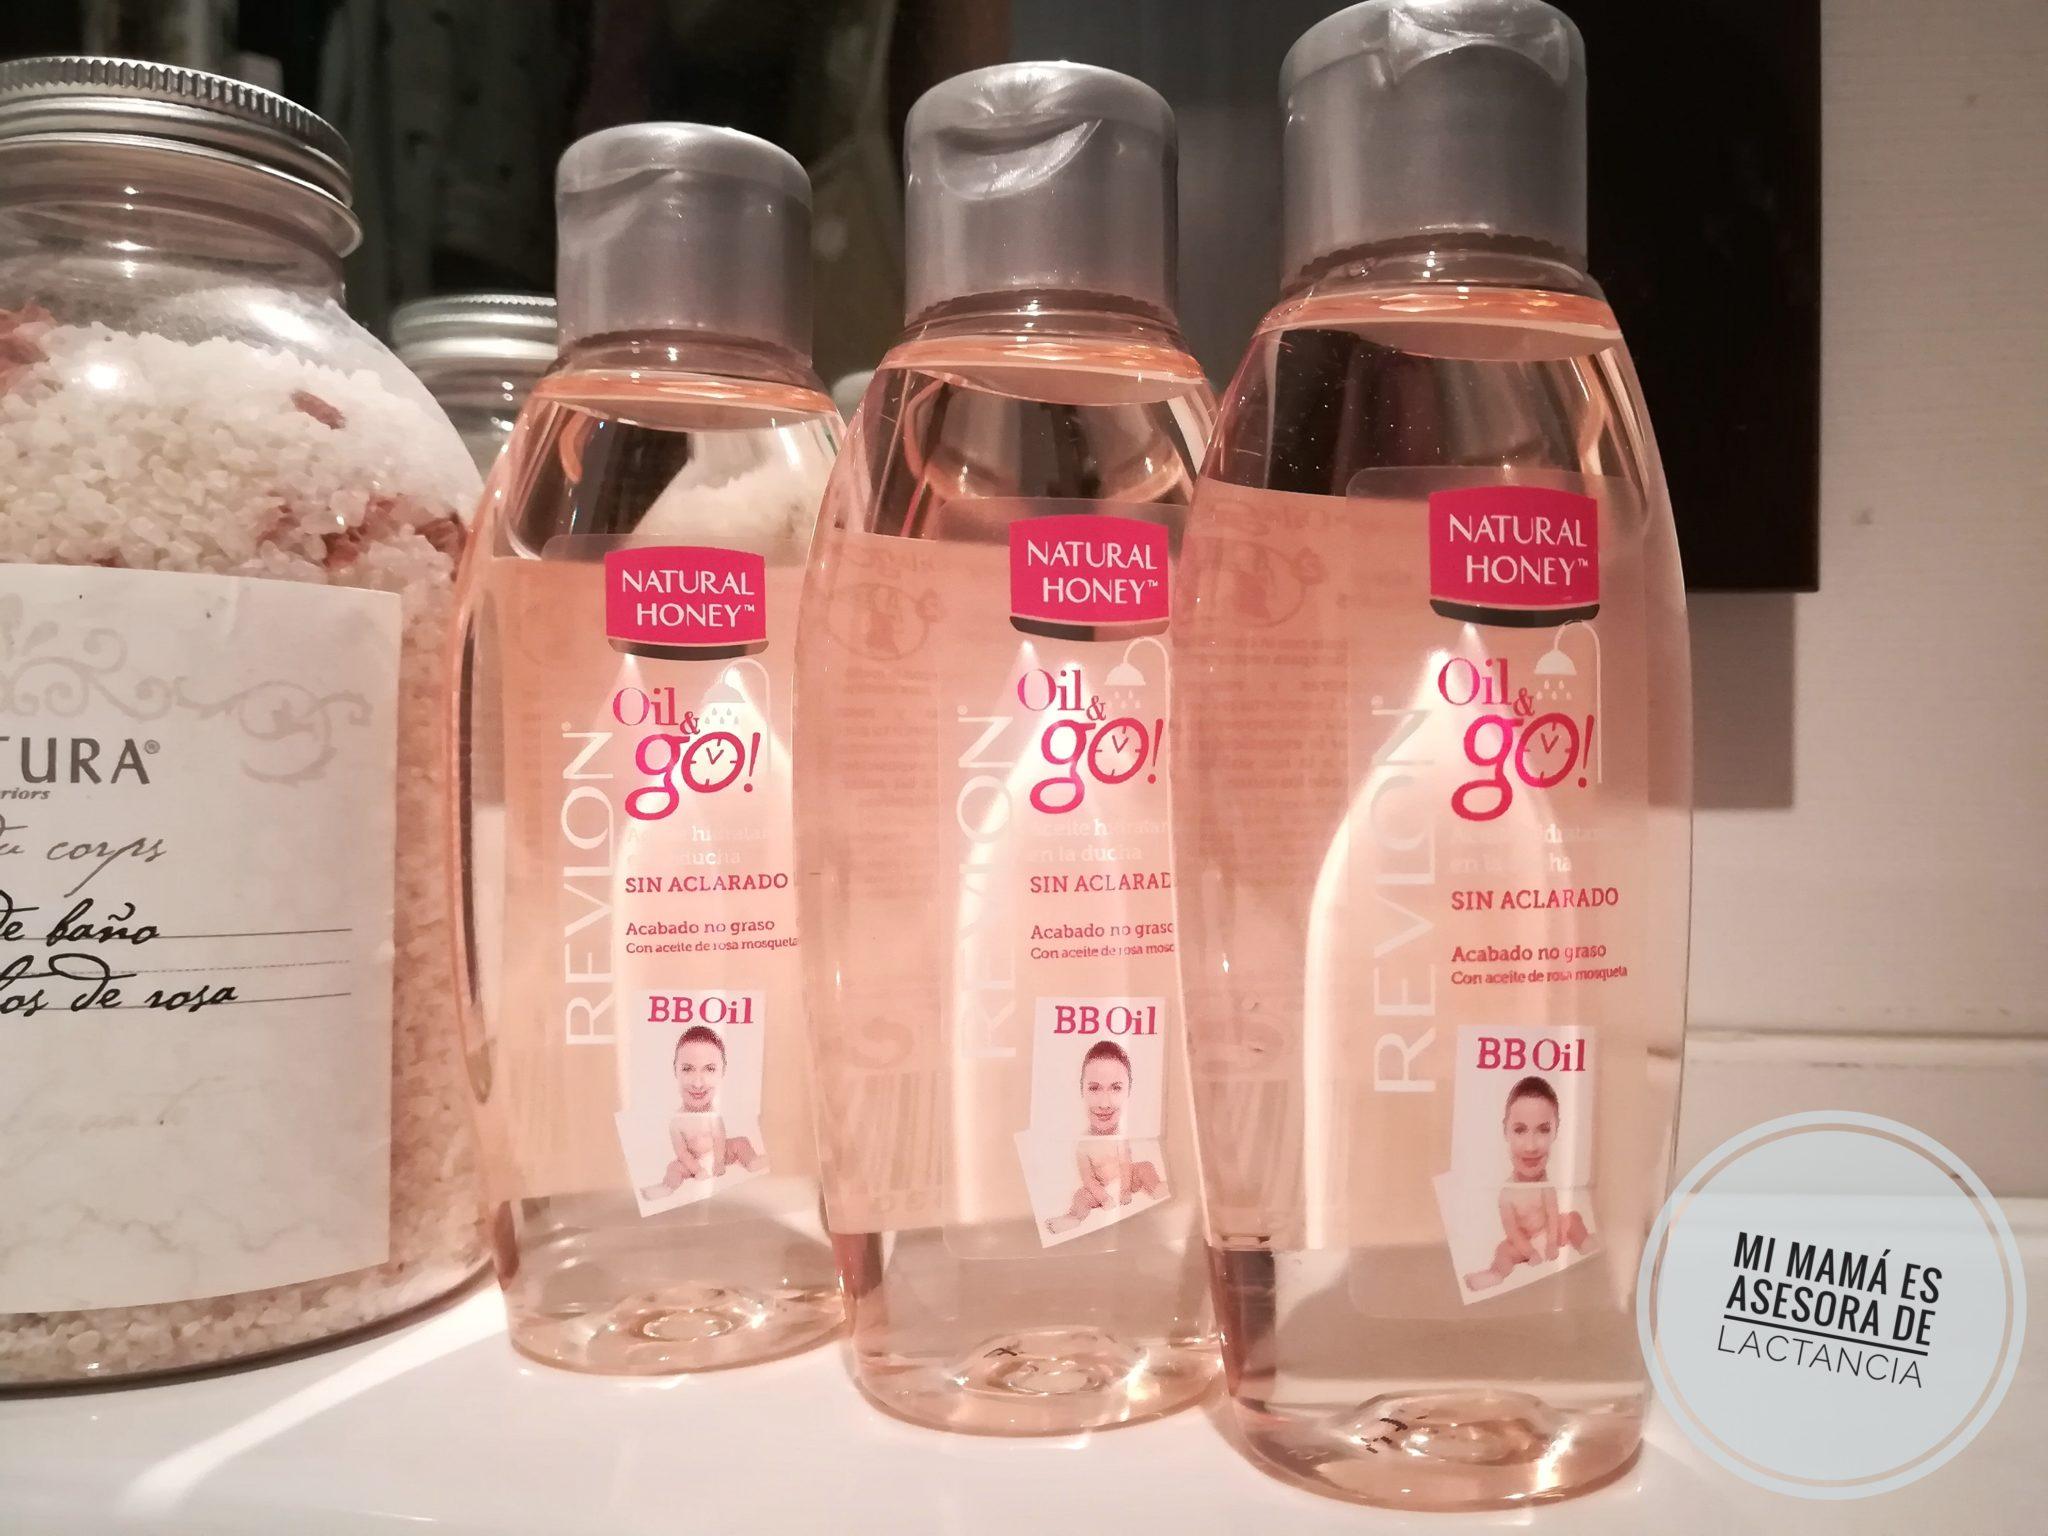 IMG 20170808 182312 01 - Probamos Oil&Go de Natural Honey